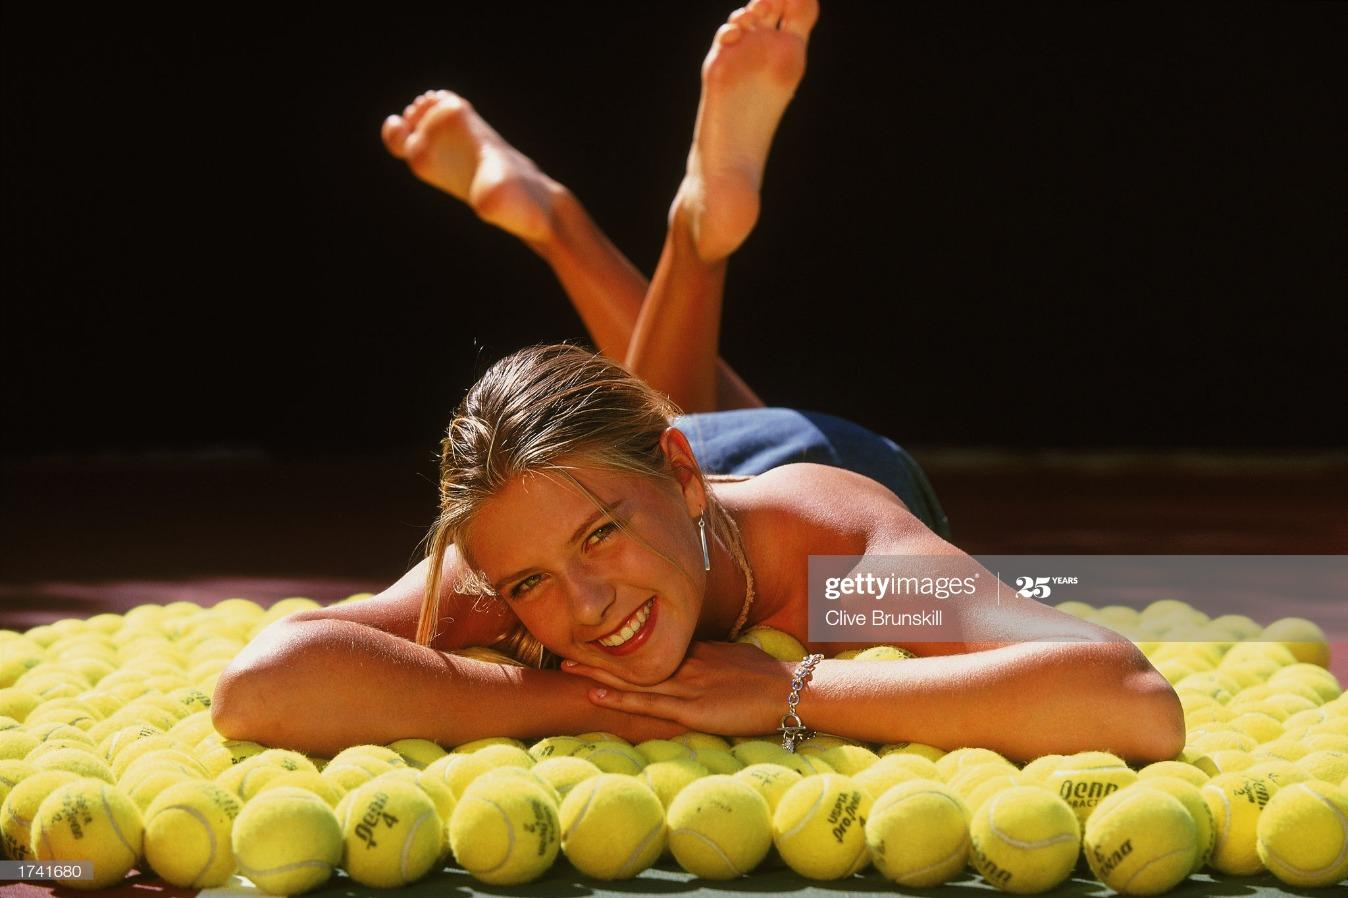 Maria Sharapova : News Photo